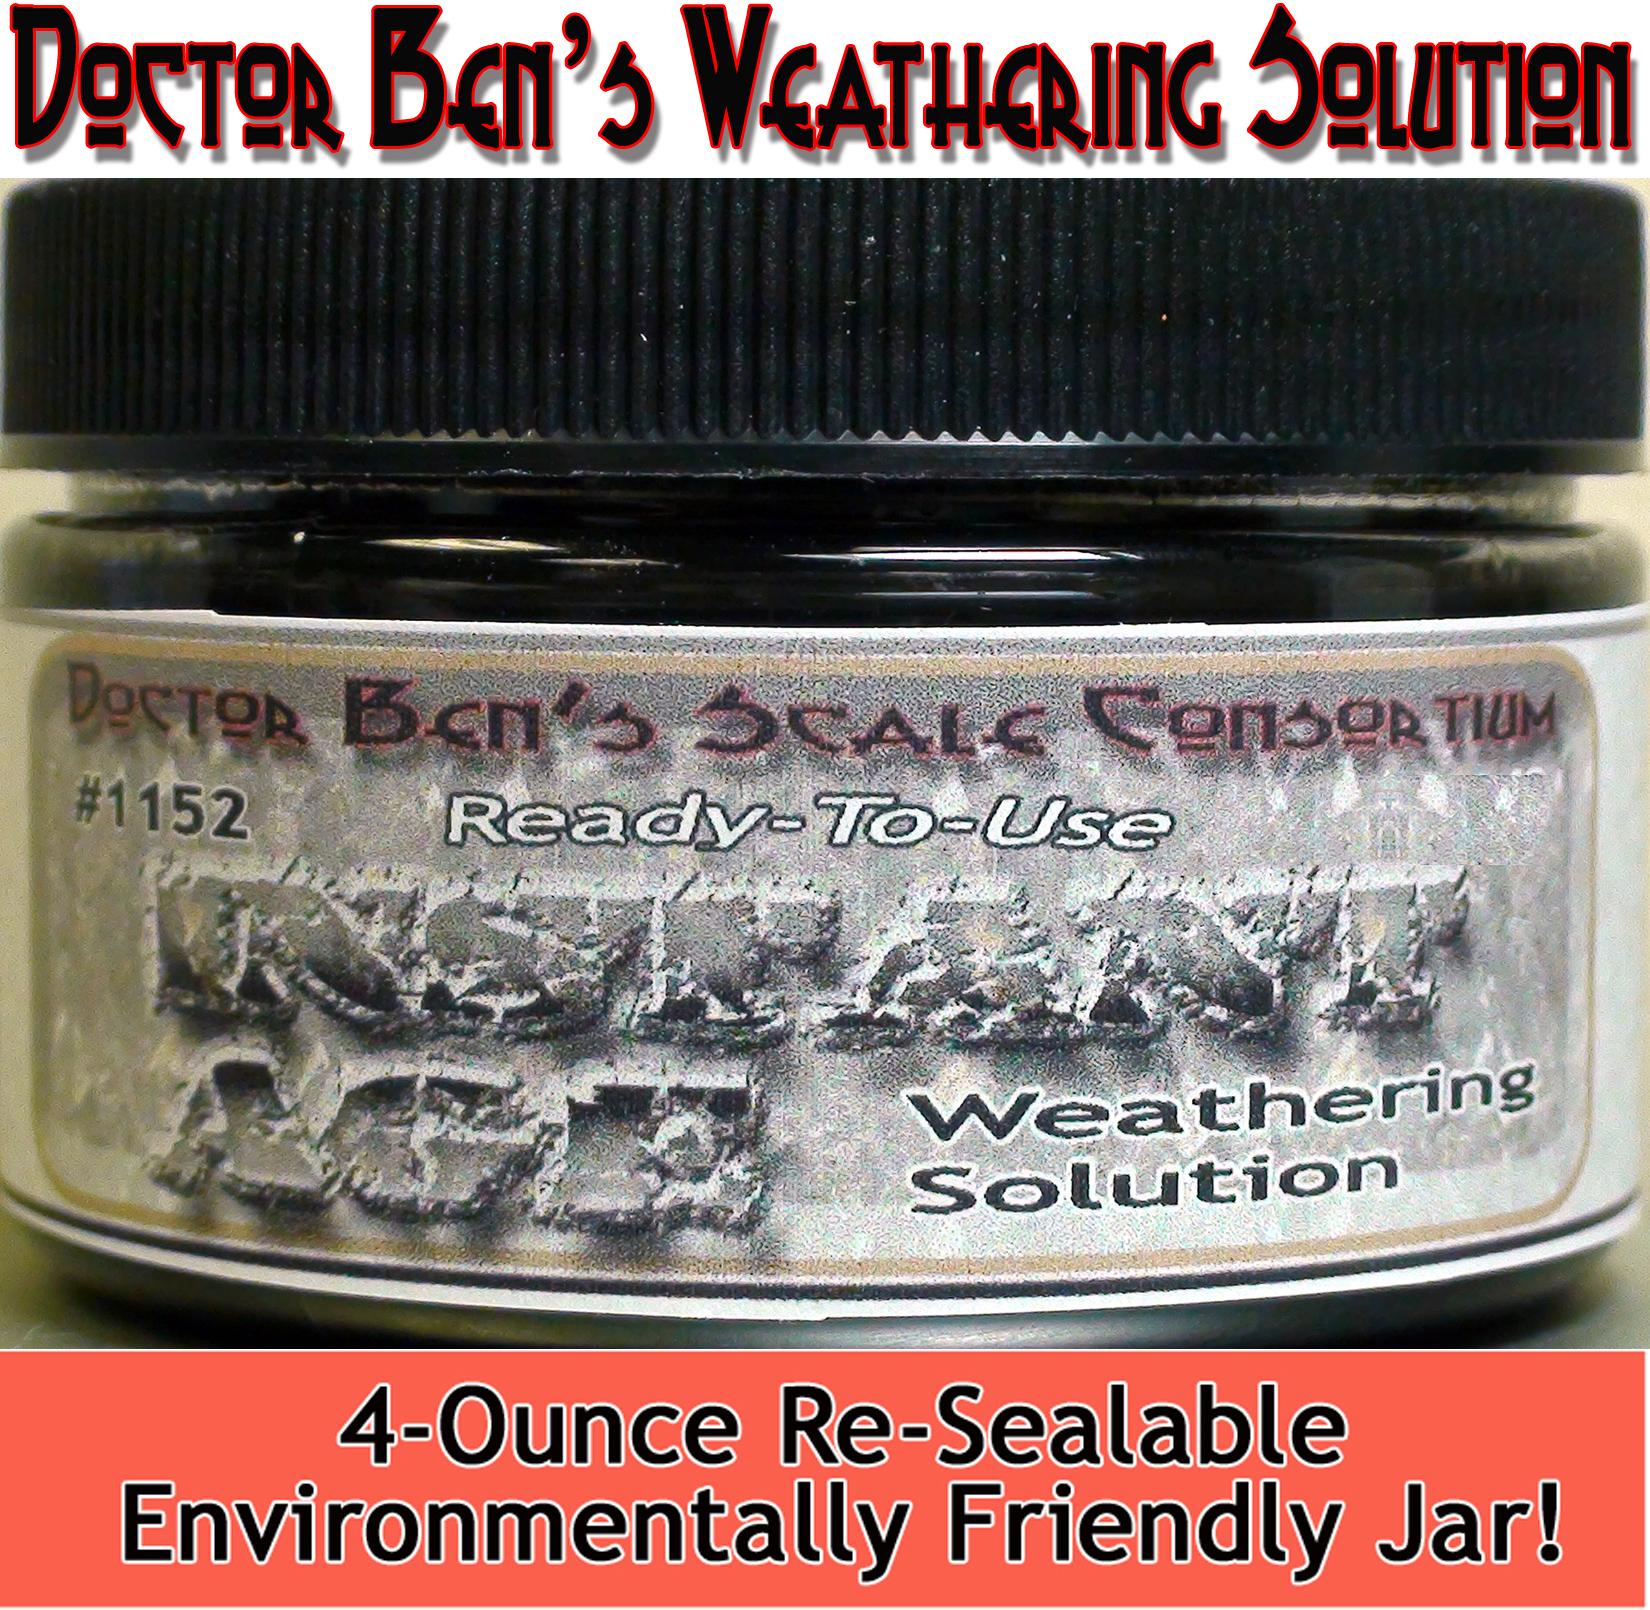 DBZ1152 - Doctor Ben's Weathering Solution